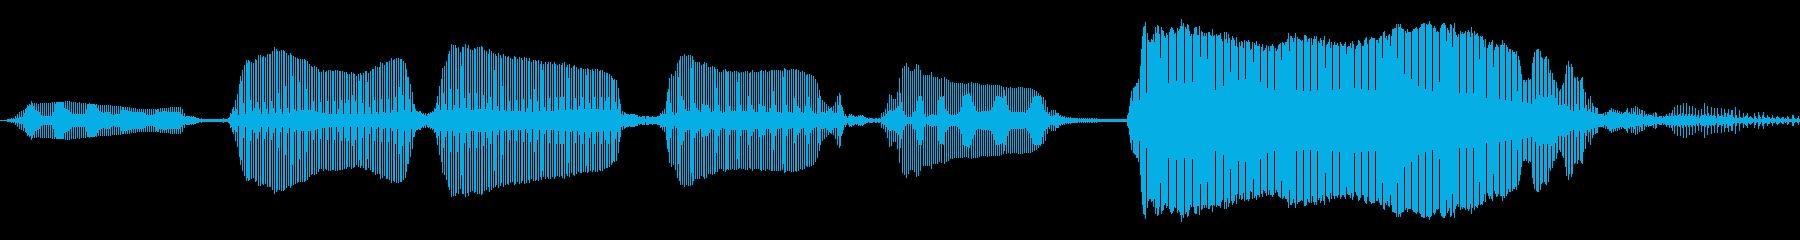 衝撃的なラテントランペットアクセント1の再生済みの波形